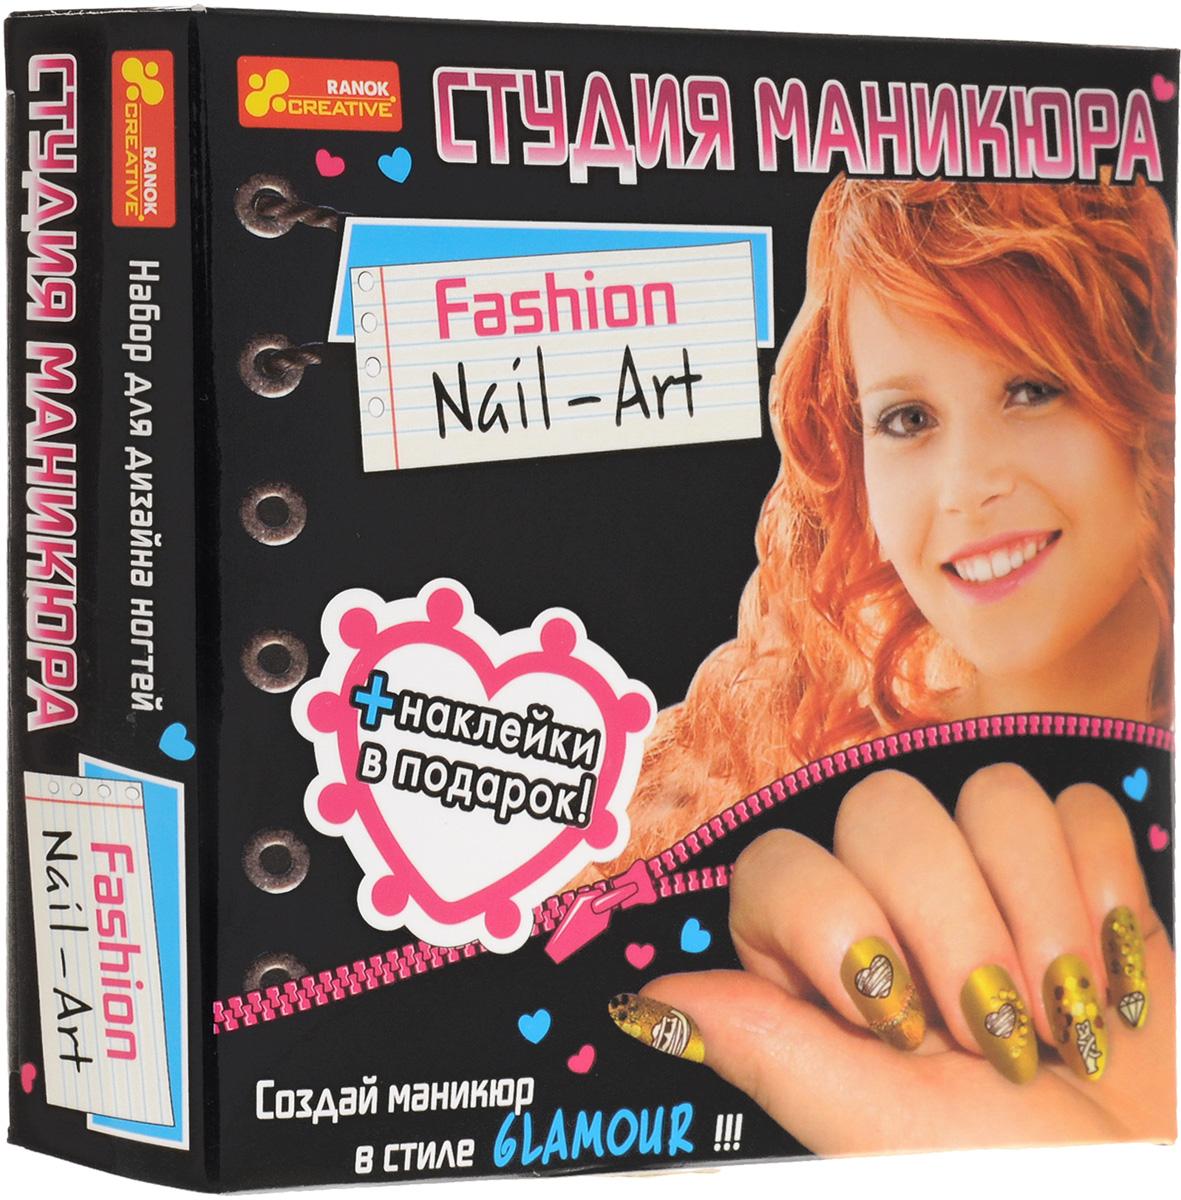 Ranok Набор для нейл-арта Студия маникюра Glamour14100163рРазнообразные образцы дизайна ногтей, ценные советы, множество декоративных элементов, входящих в набор, - благодаря всему этому можно самостоятельно сделать потрясающий маникюр!